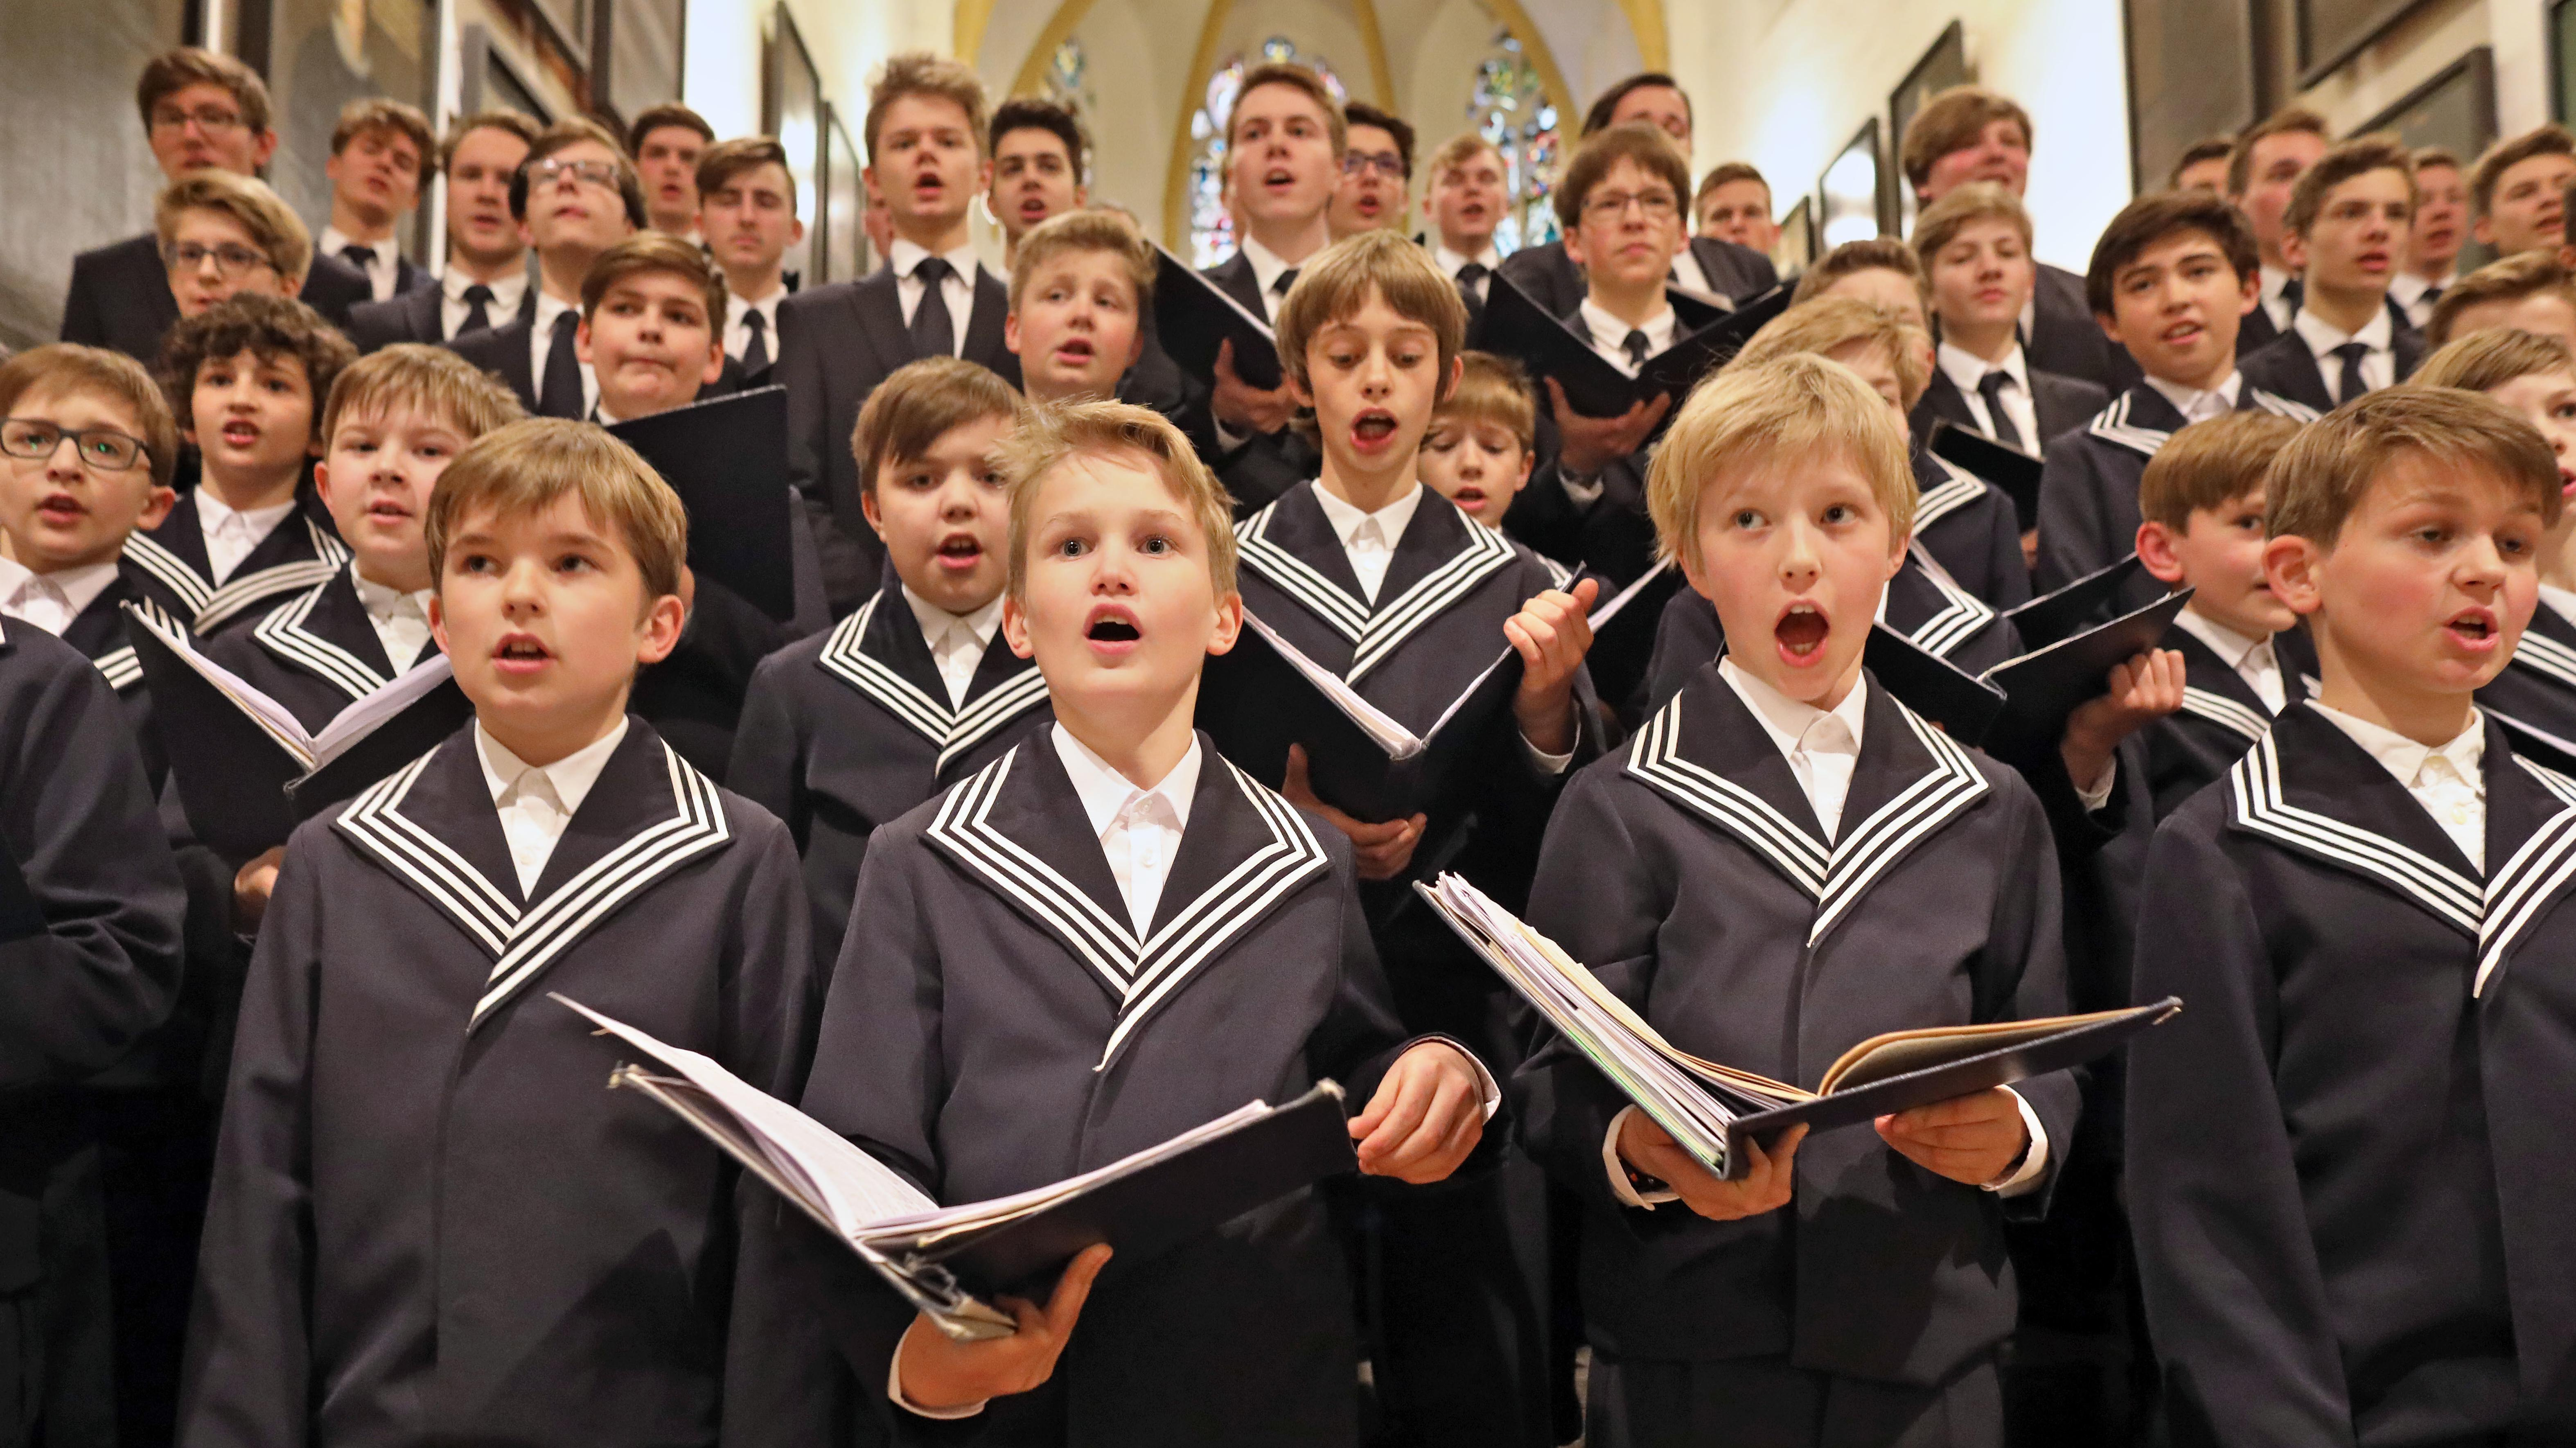 Der Thomanerchor singt am 05.05.2017 zur Freitagsmotette in der Thomaskirche in Leipzig.